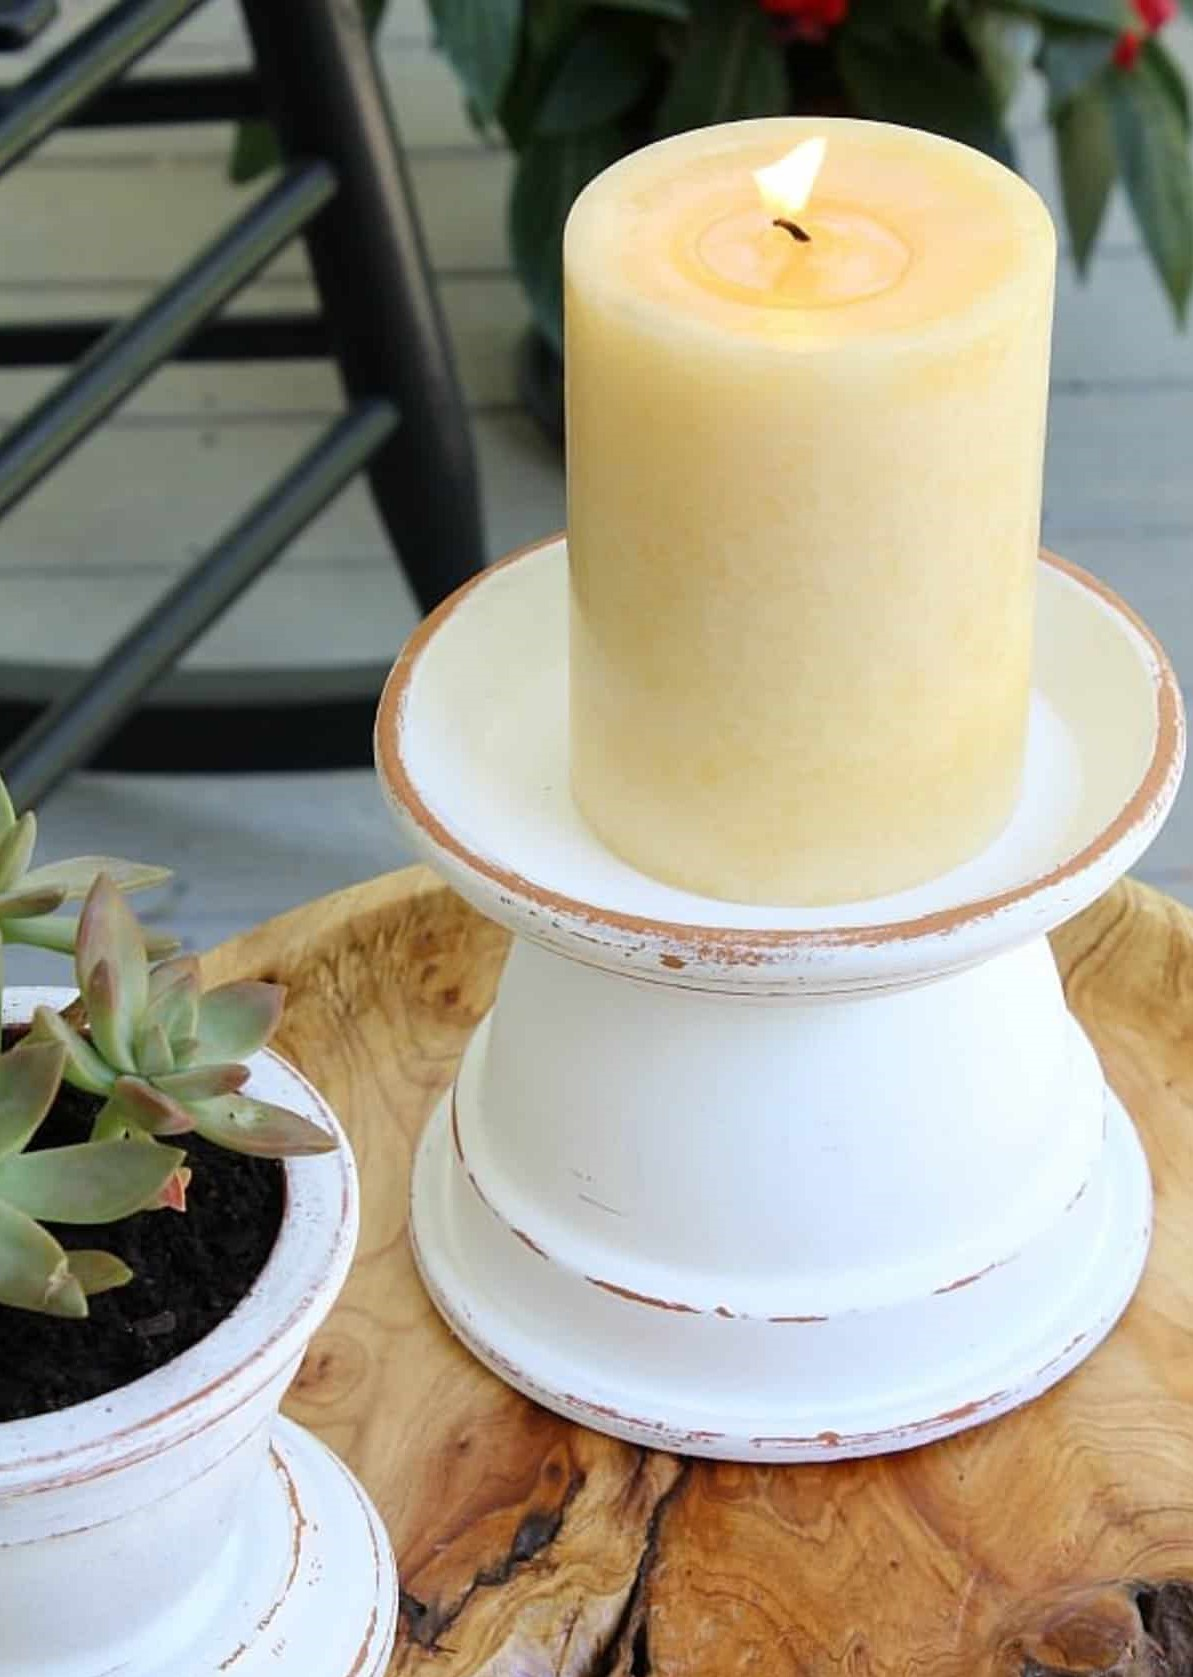 Les bougies sont très polyvalentes, viennent dans une variété de styles et ont fière allure dans chaque pièce.